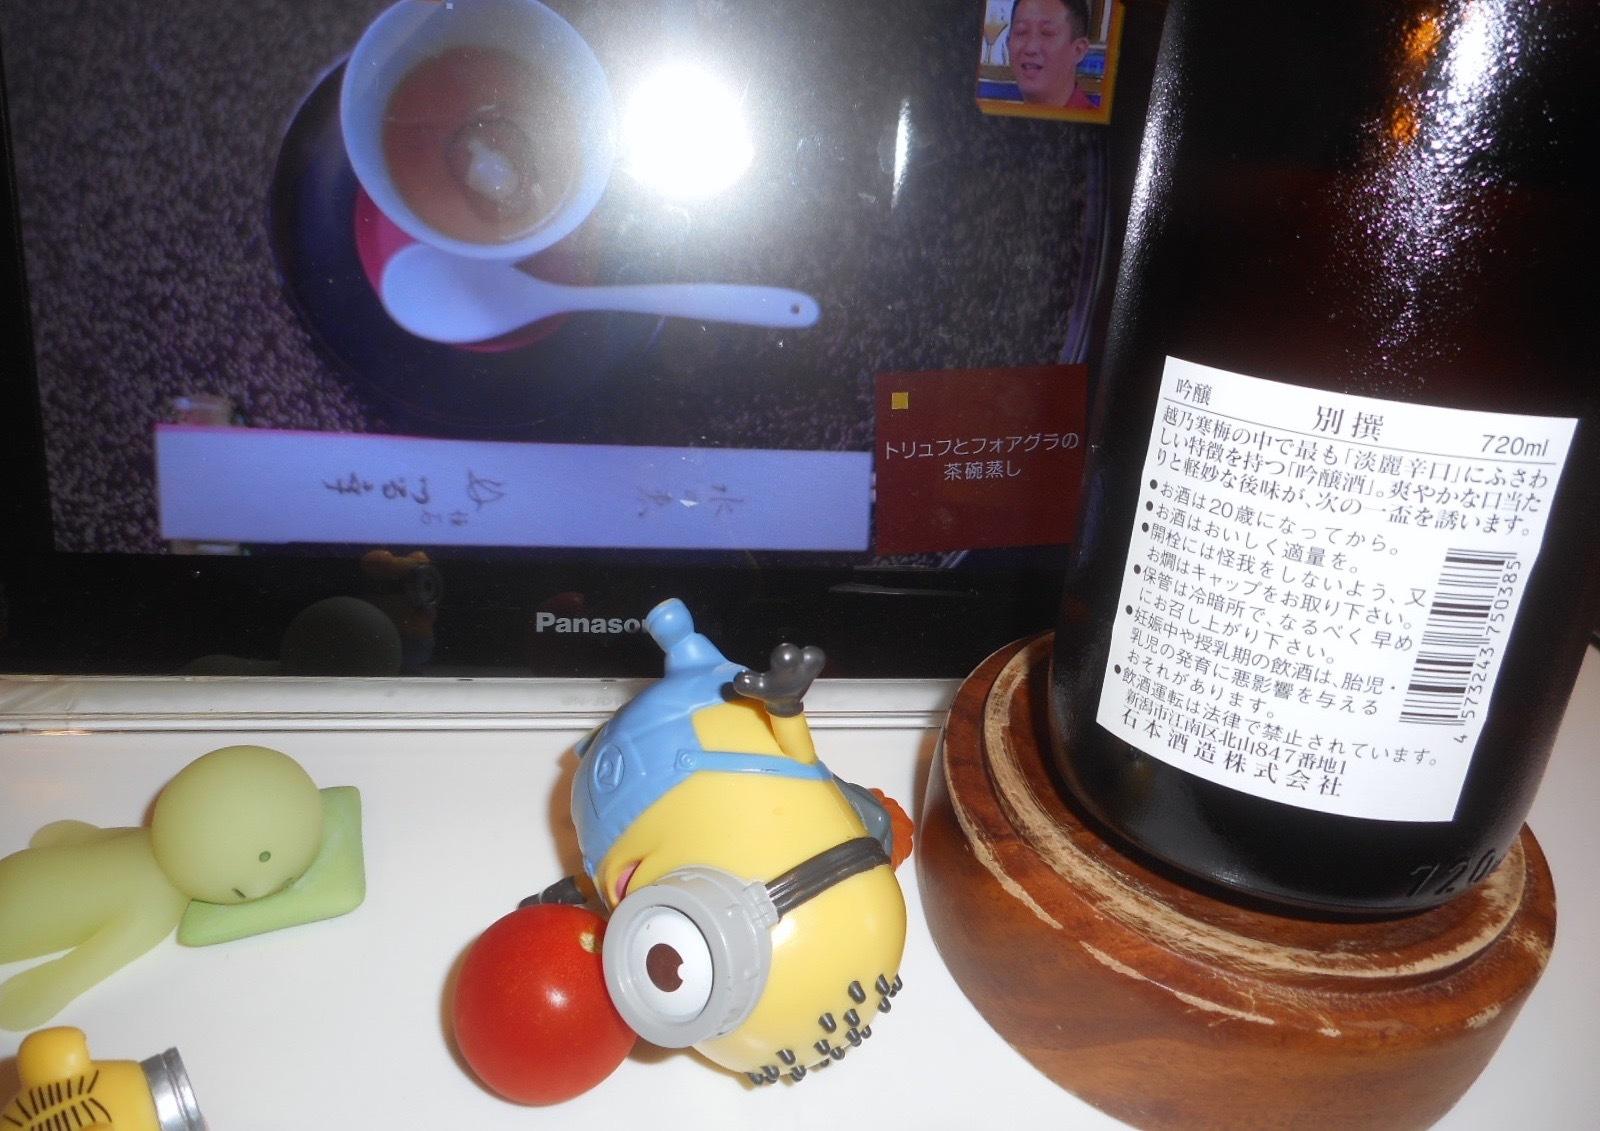 koshinokanbai_ginjo29by2.jpg